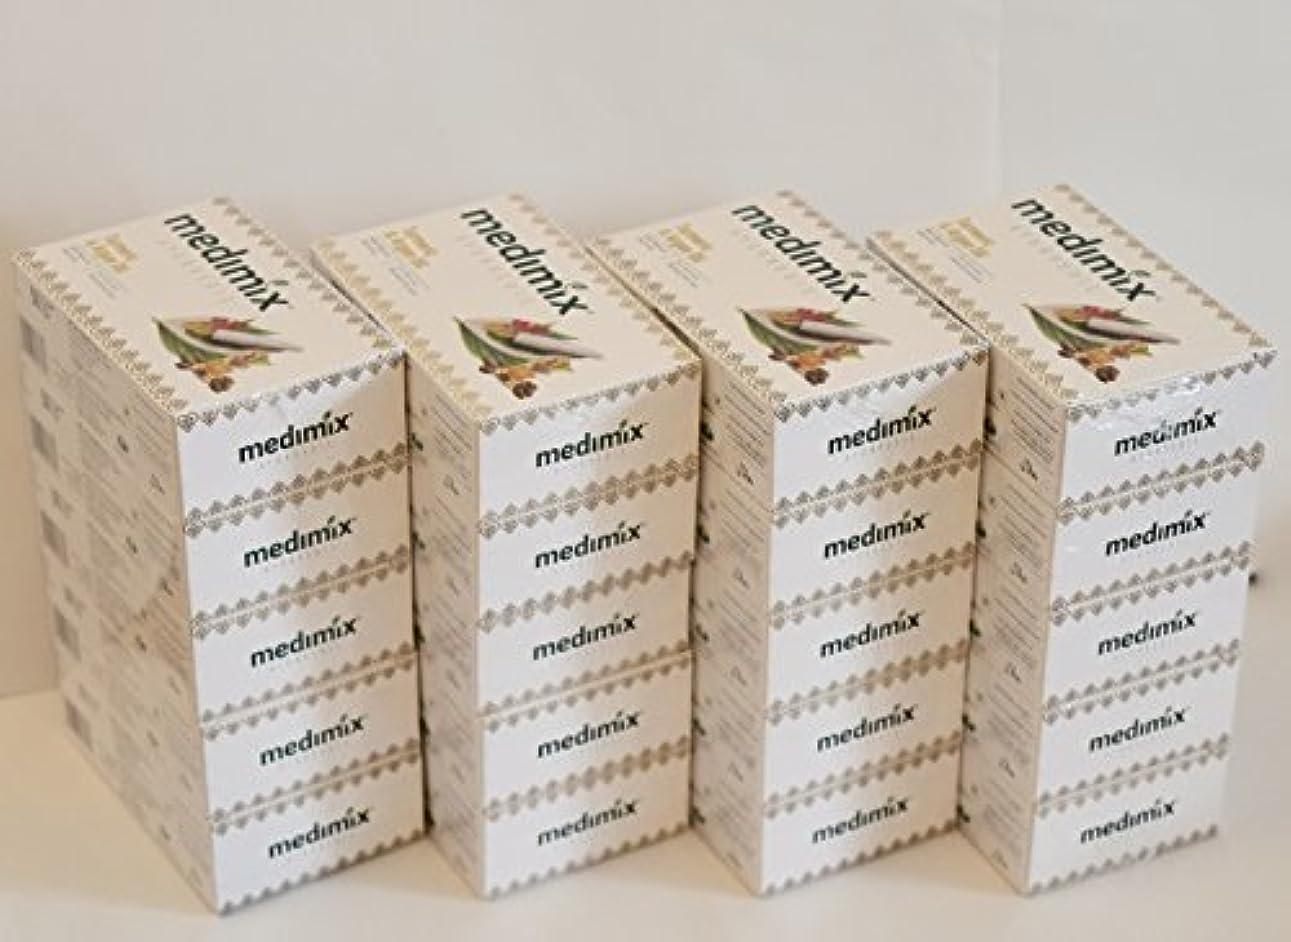 フレームワークとんでもないマザーランドMEDIMIX メディミックス アーユルヴェーダ ターメリック アンド アルガン石鹸(medimix AYURVEDA Turmeric & Argan) 125g 20個入り